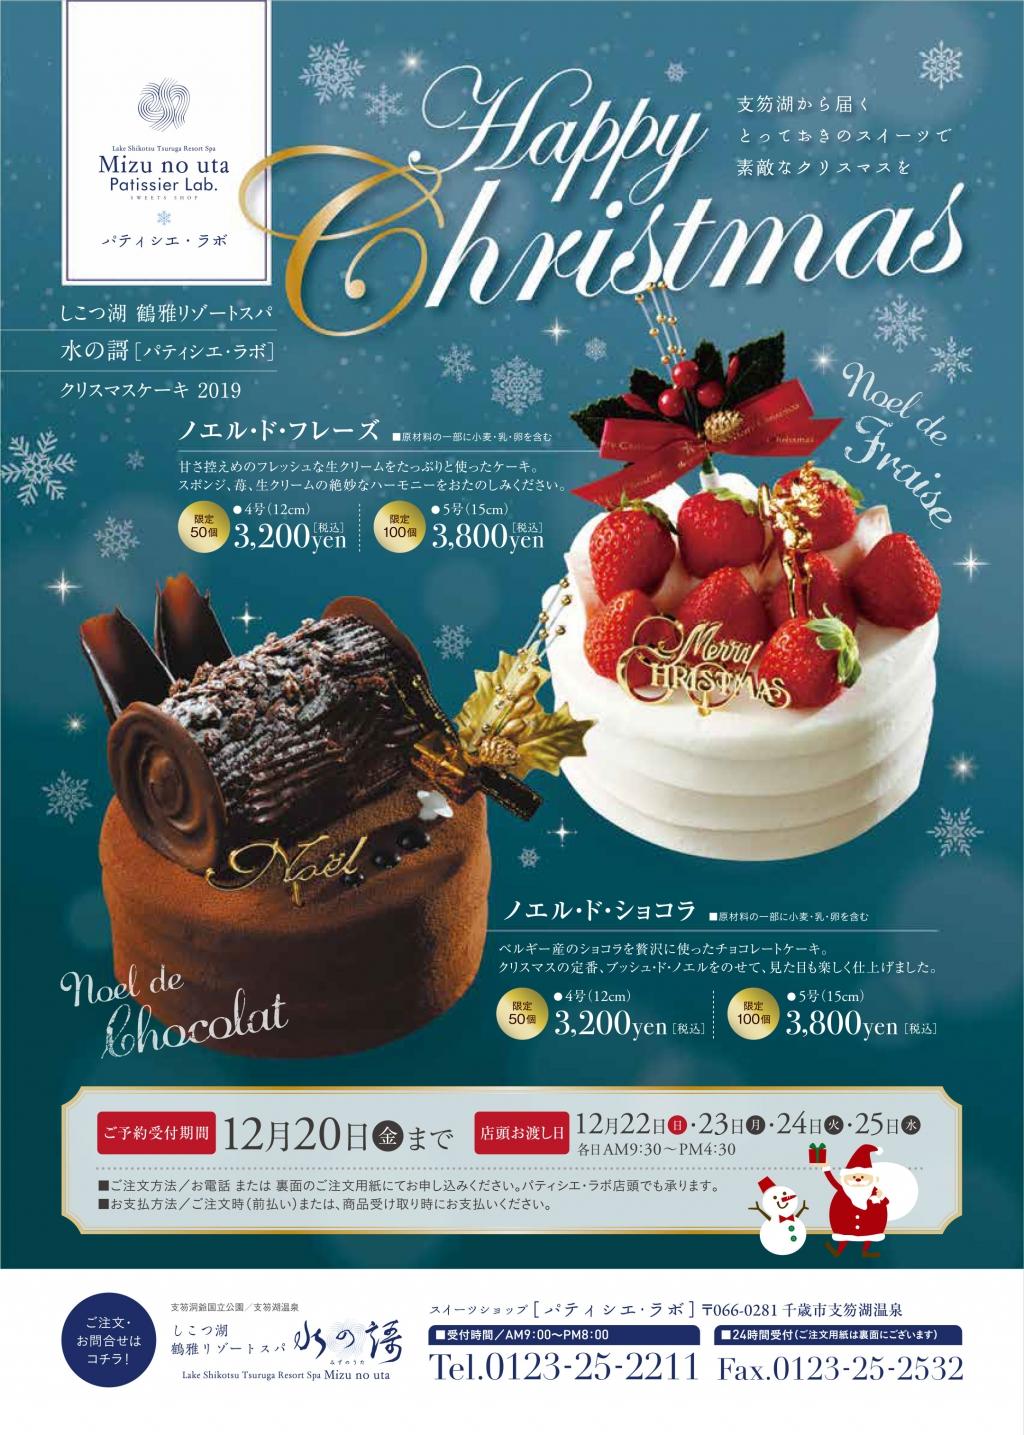 <終了>2019年 クリスマスケーキご予約受付中!